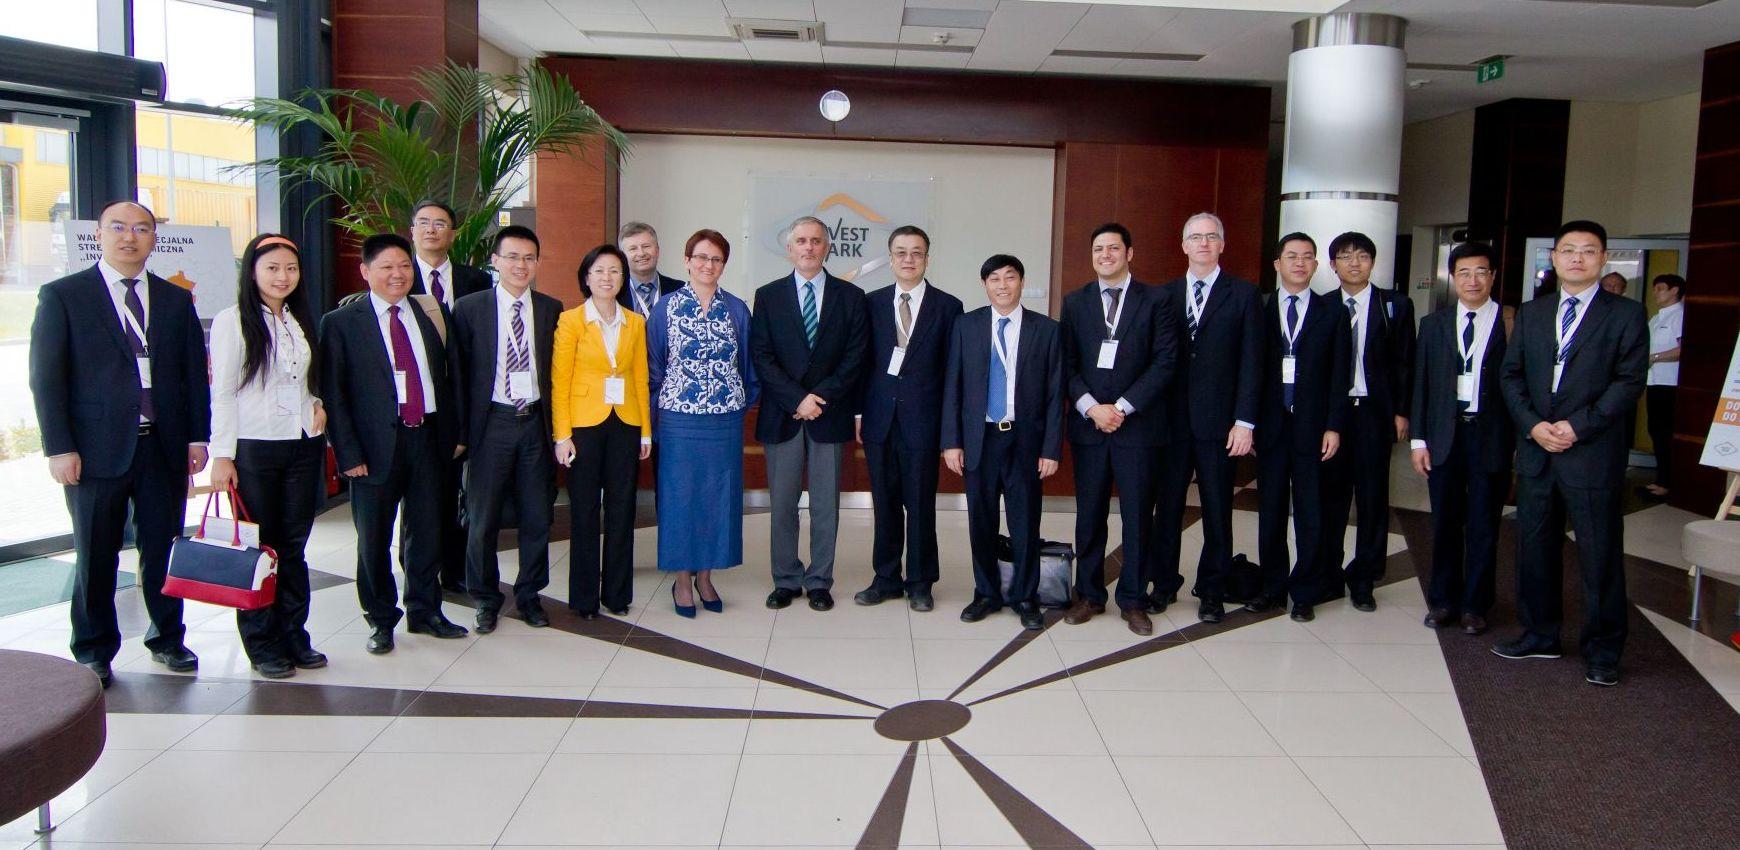 Podczas majowej wizyty w Wałbrzychu przedstawiciele Prowincji Syczuan zwiedzili między innymi Centrum Aktywnego Wypoczynku Aqua-Zdrój, Park Wielokulturowy Stara Kopalnia oraz tereny inwestycyjne, głównie należące do Wałbrzyskiej Specjalnej Strefy Ekonomicznej